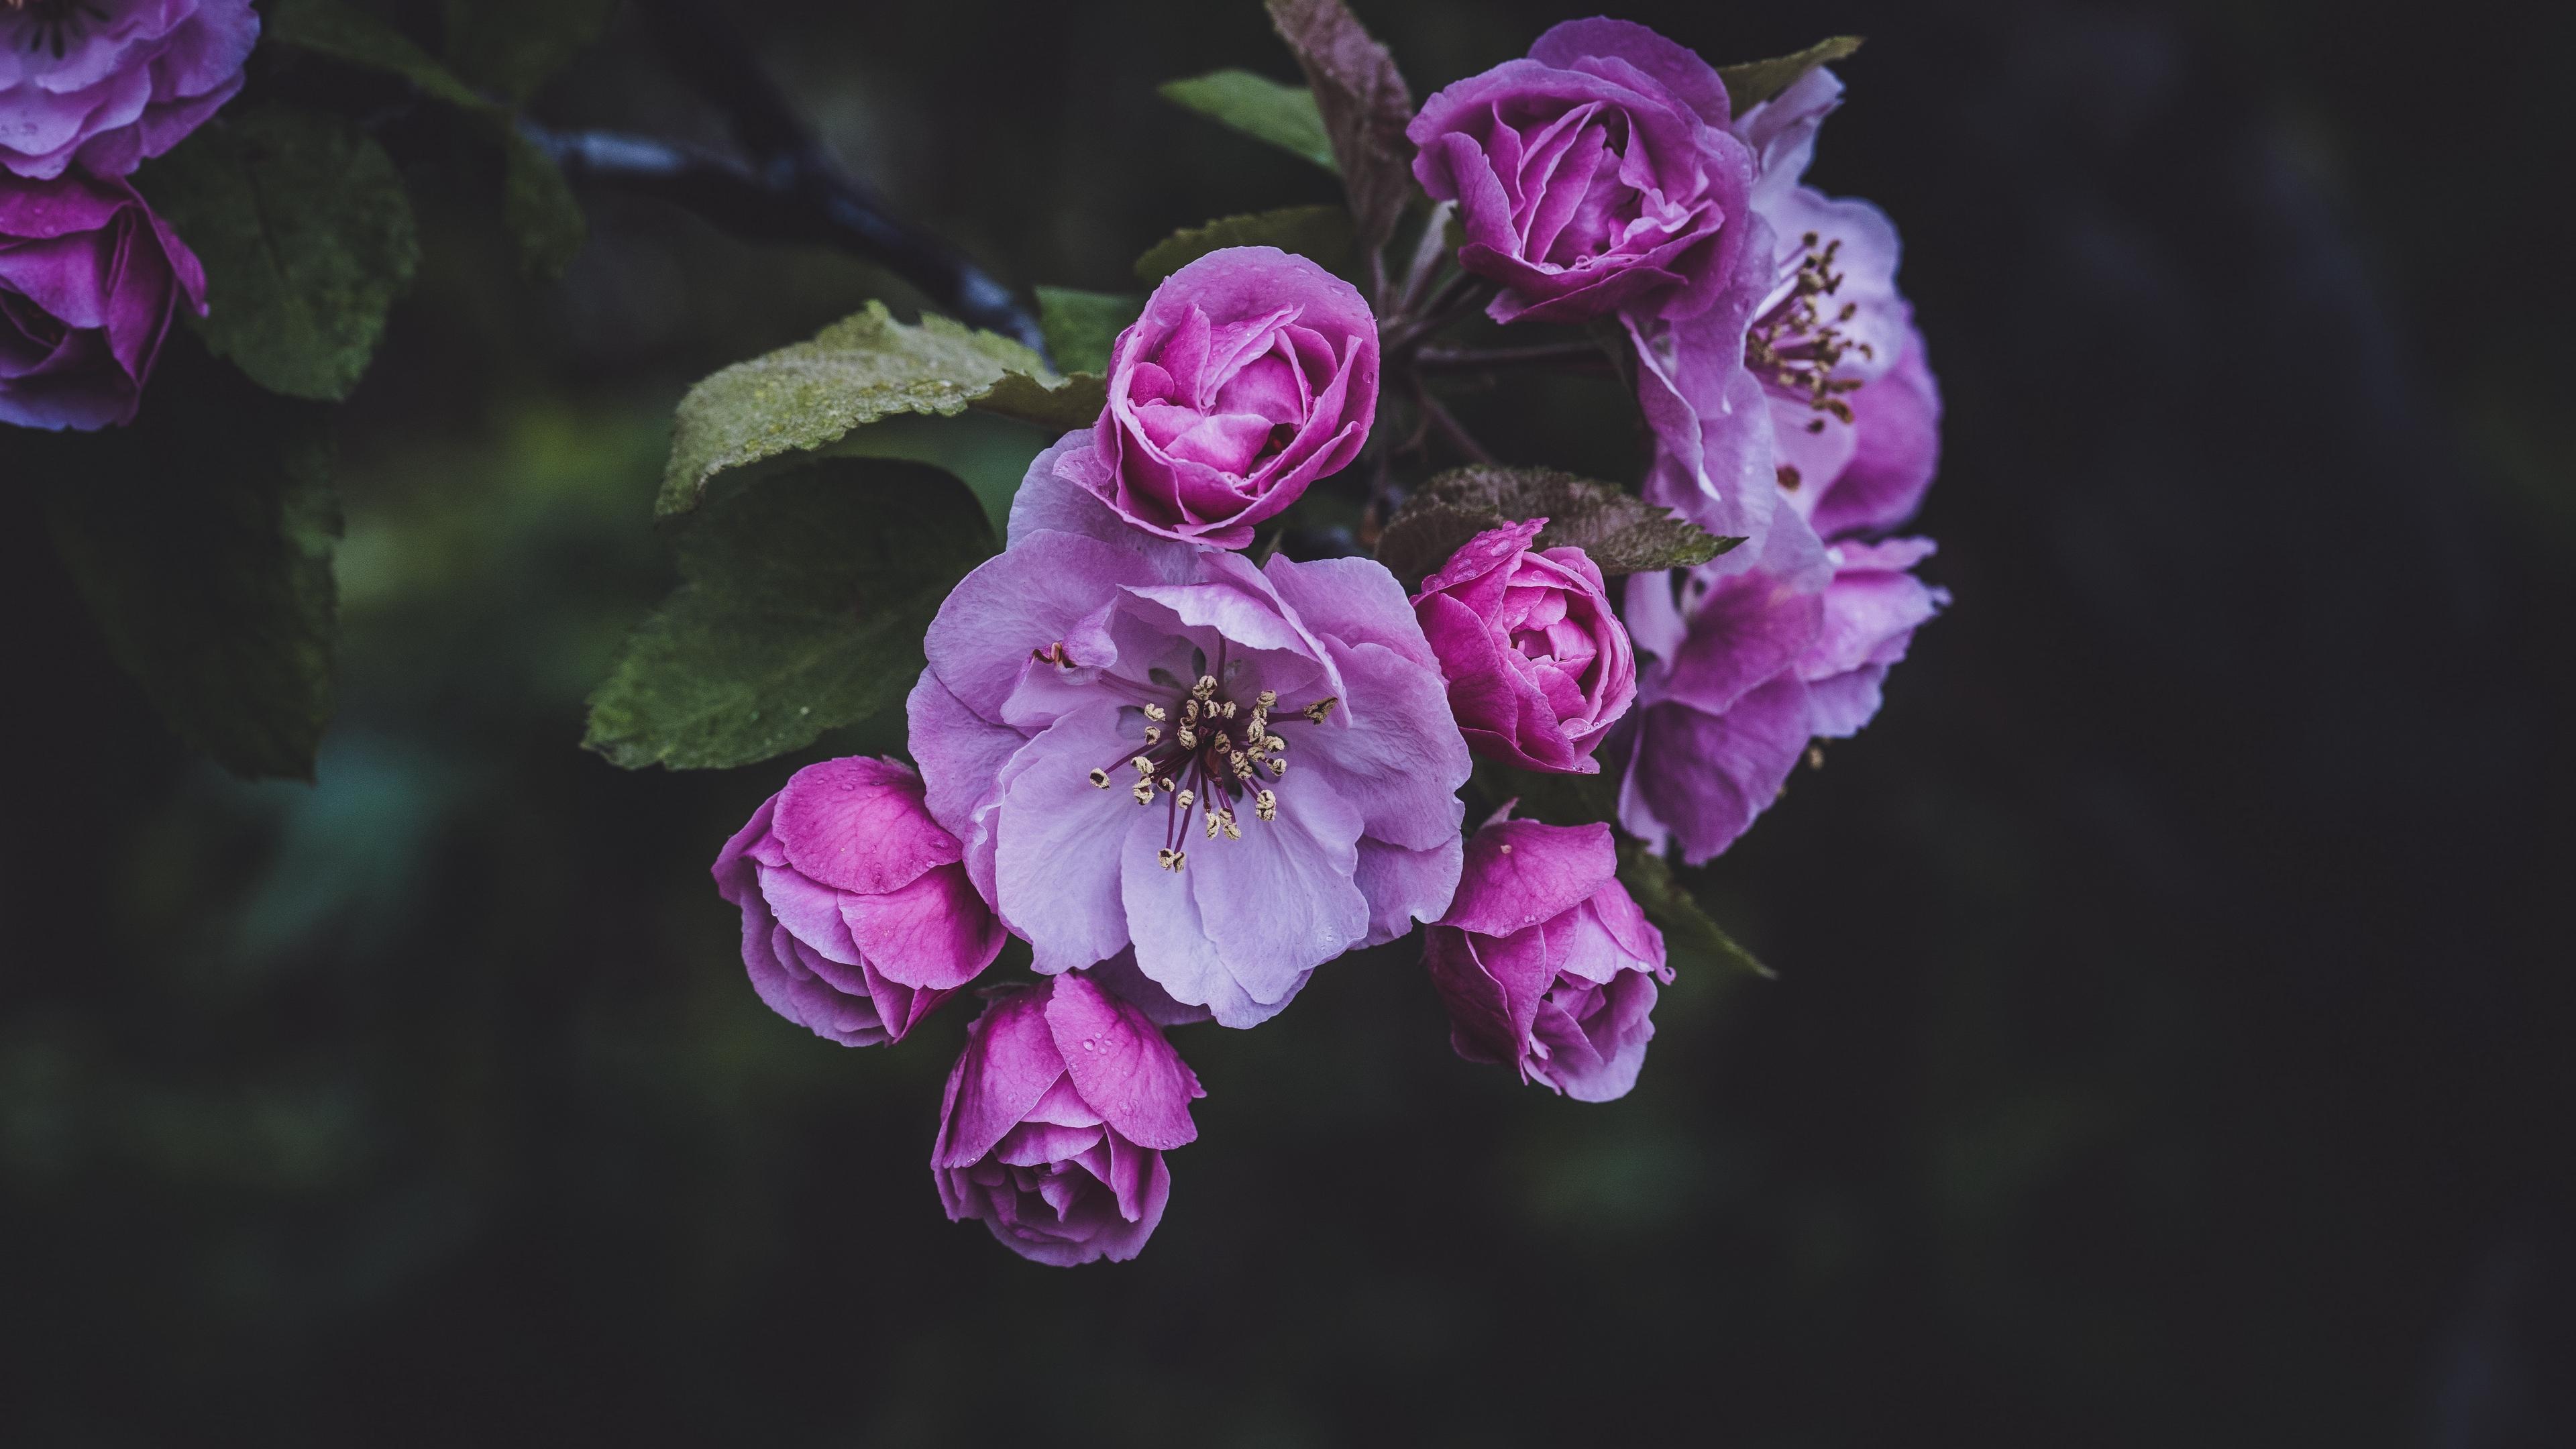 flowers pink spring bloom 4k 1540064946 - flowers, pink, spring, bloom 4k - Spring, Pink, Flowers